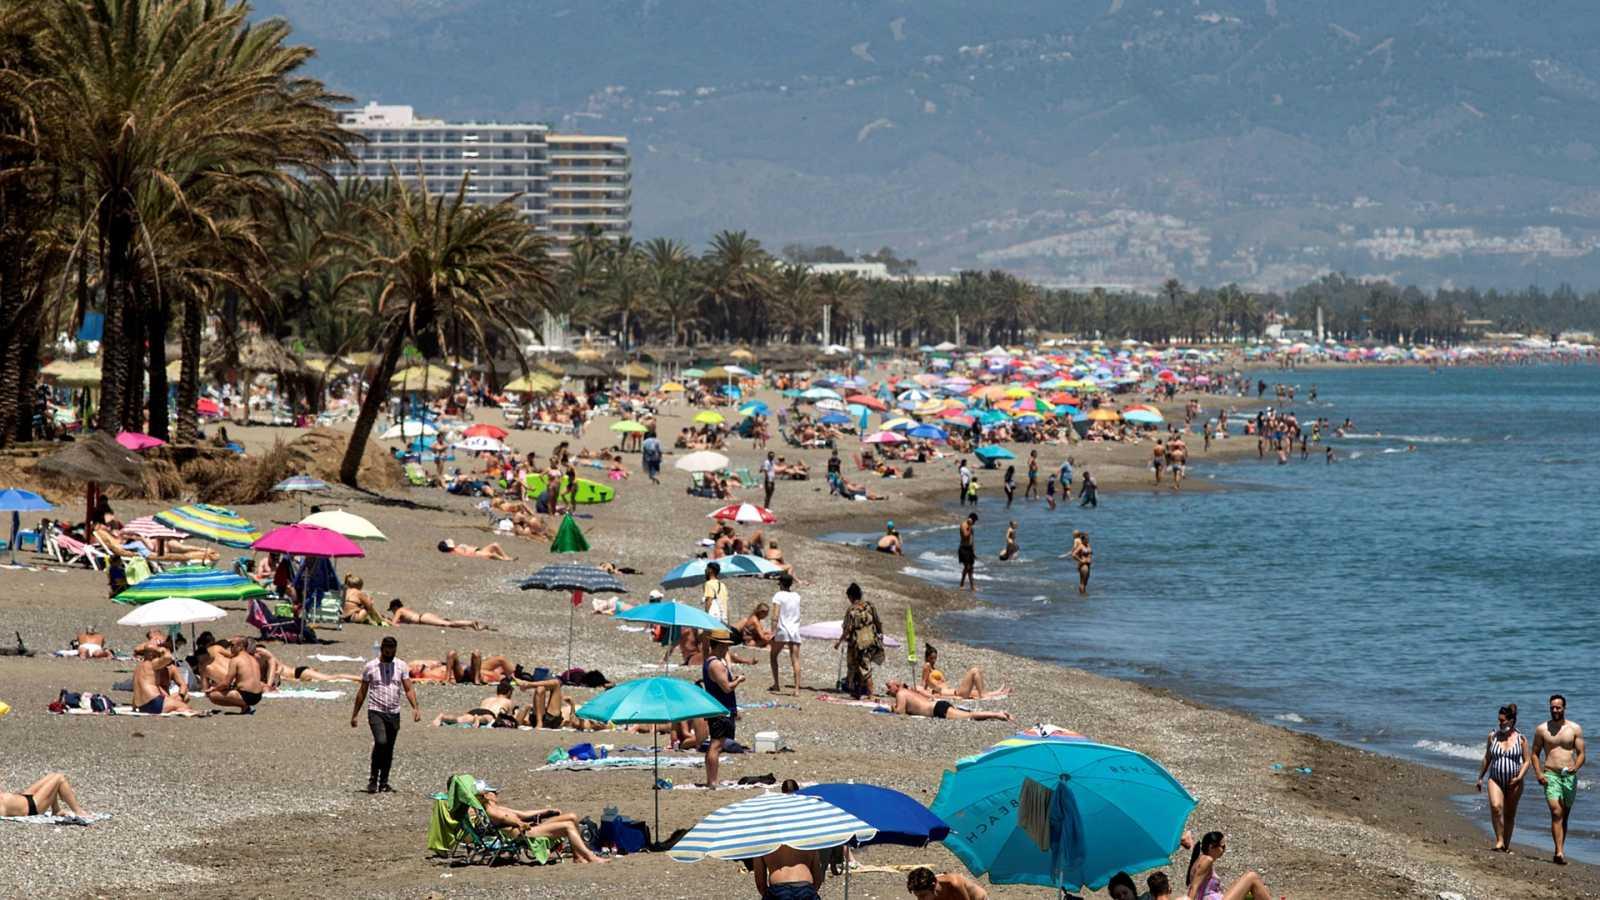 Temperaturas altas en el área mediterránea